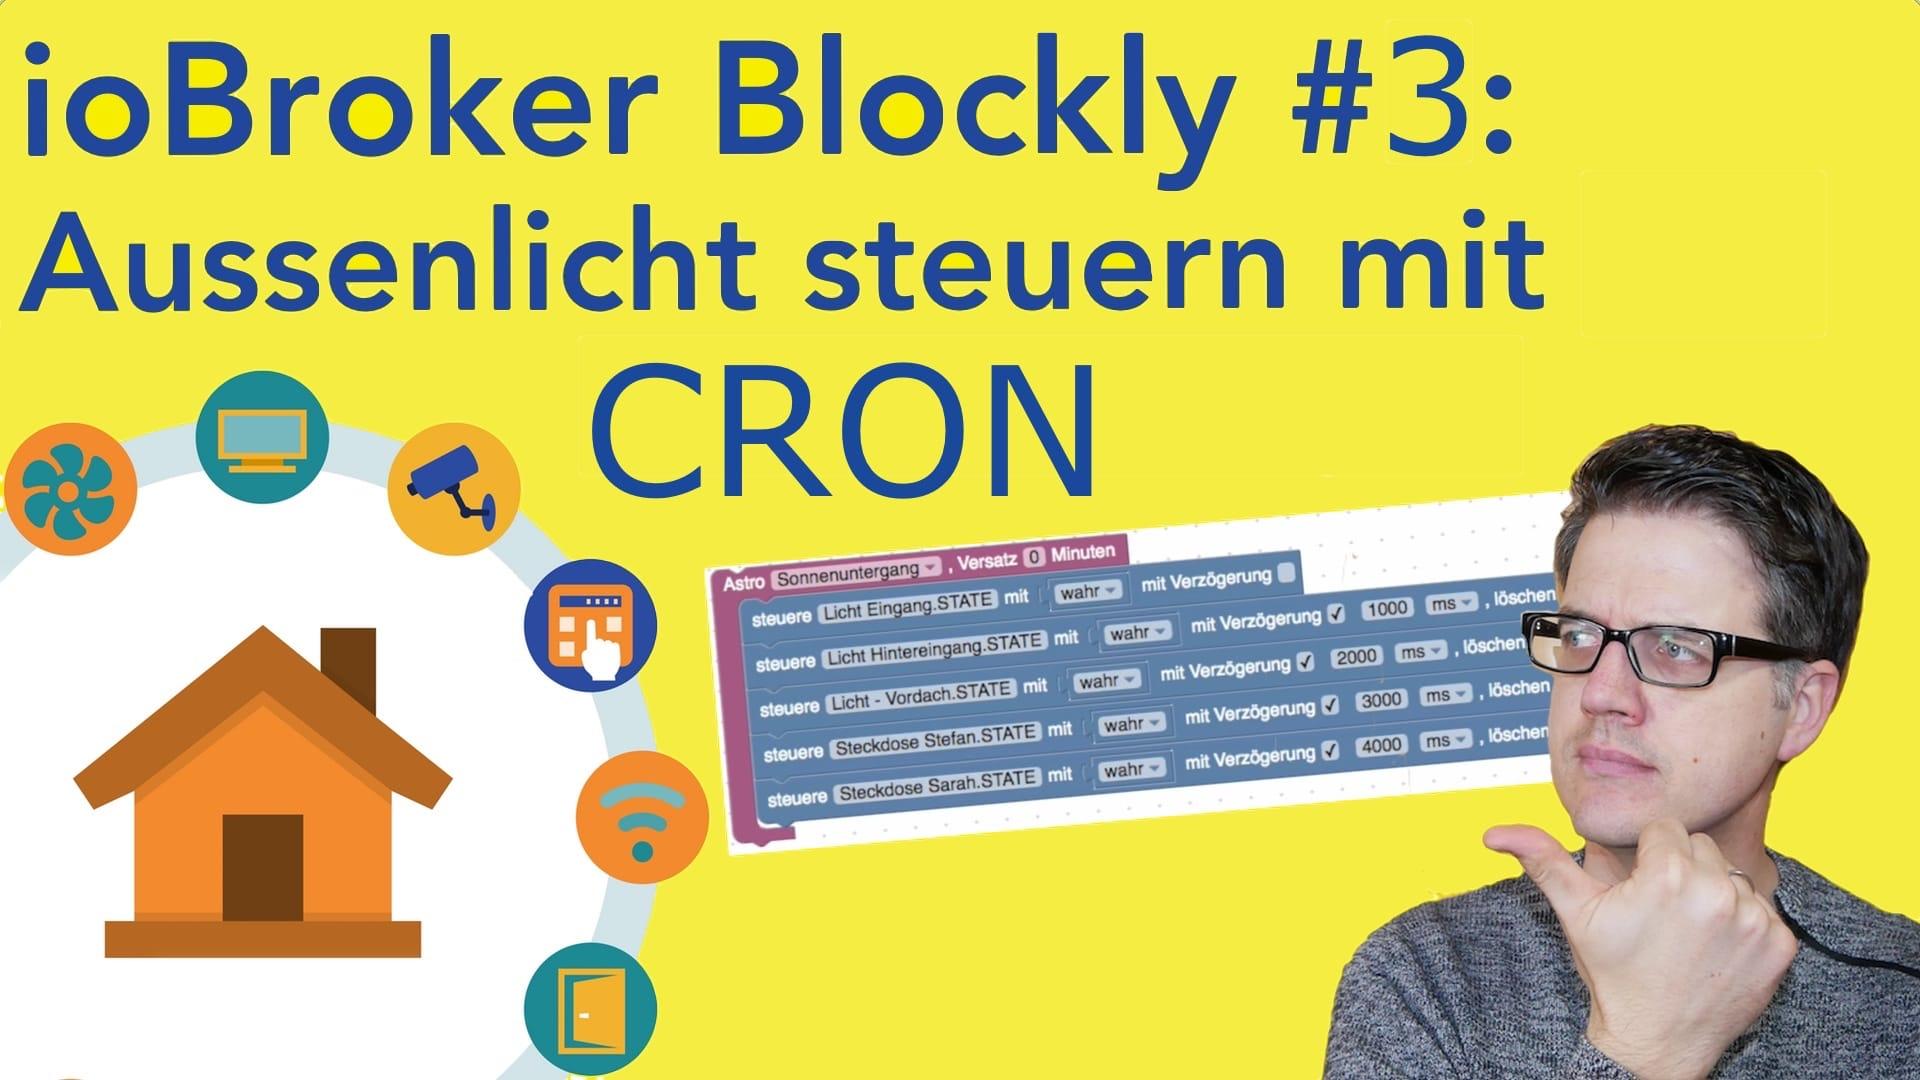 ioBroker Blockly #3: Aussenlicht einschalten mit Timerfunktion